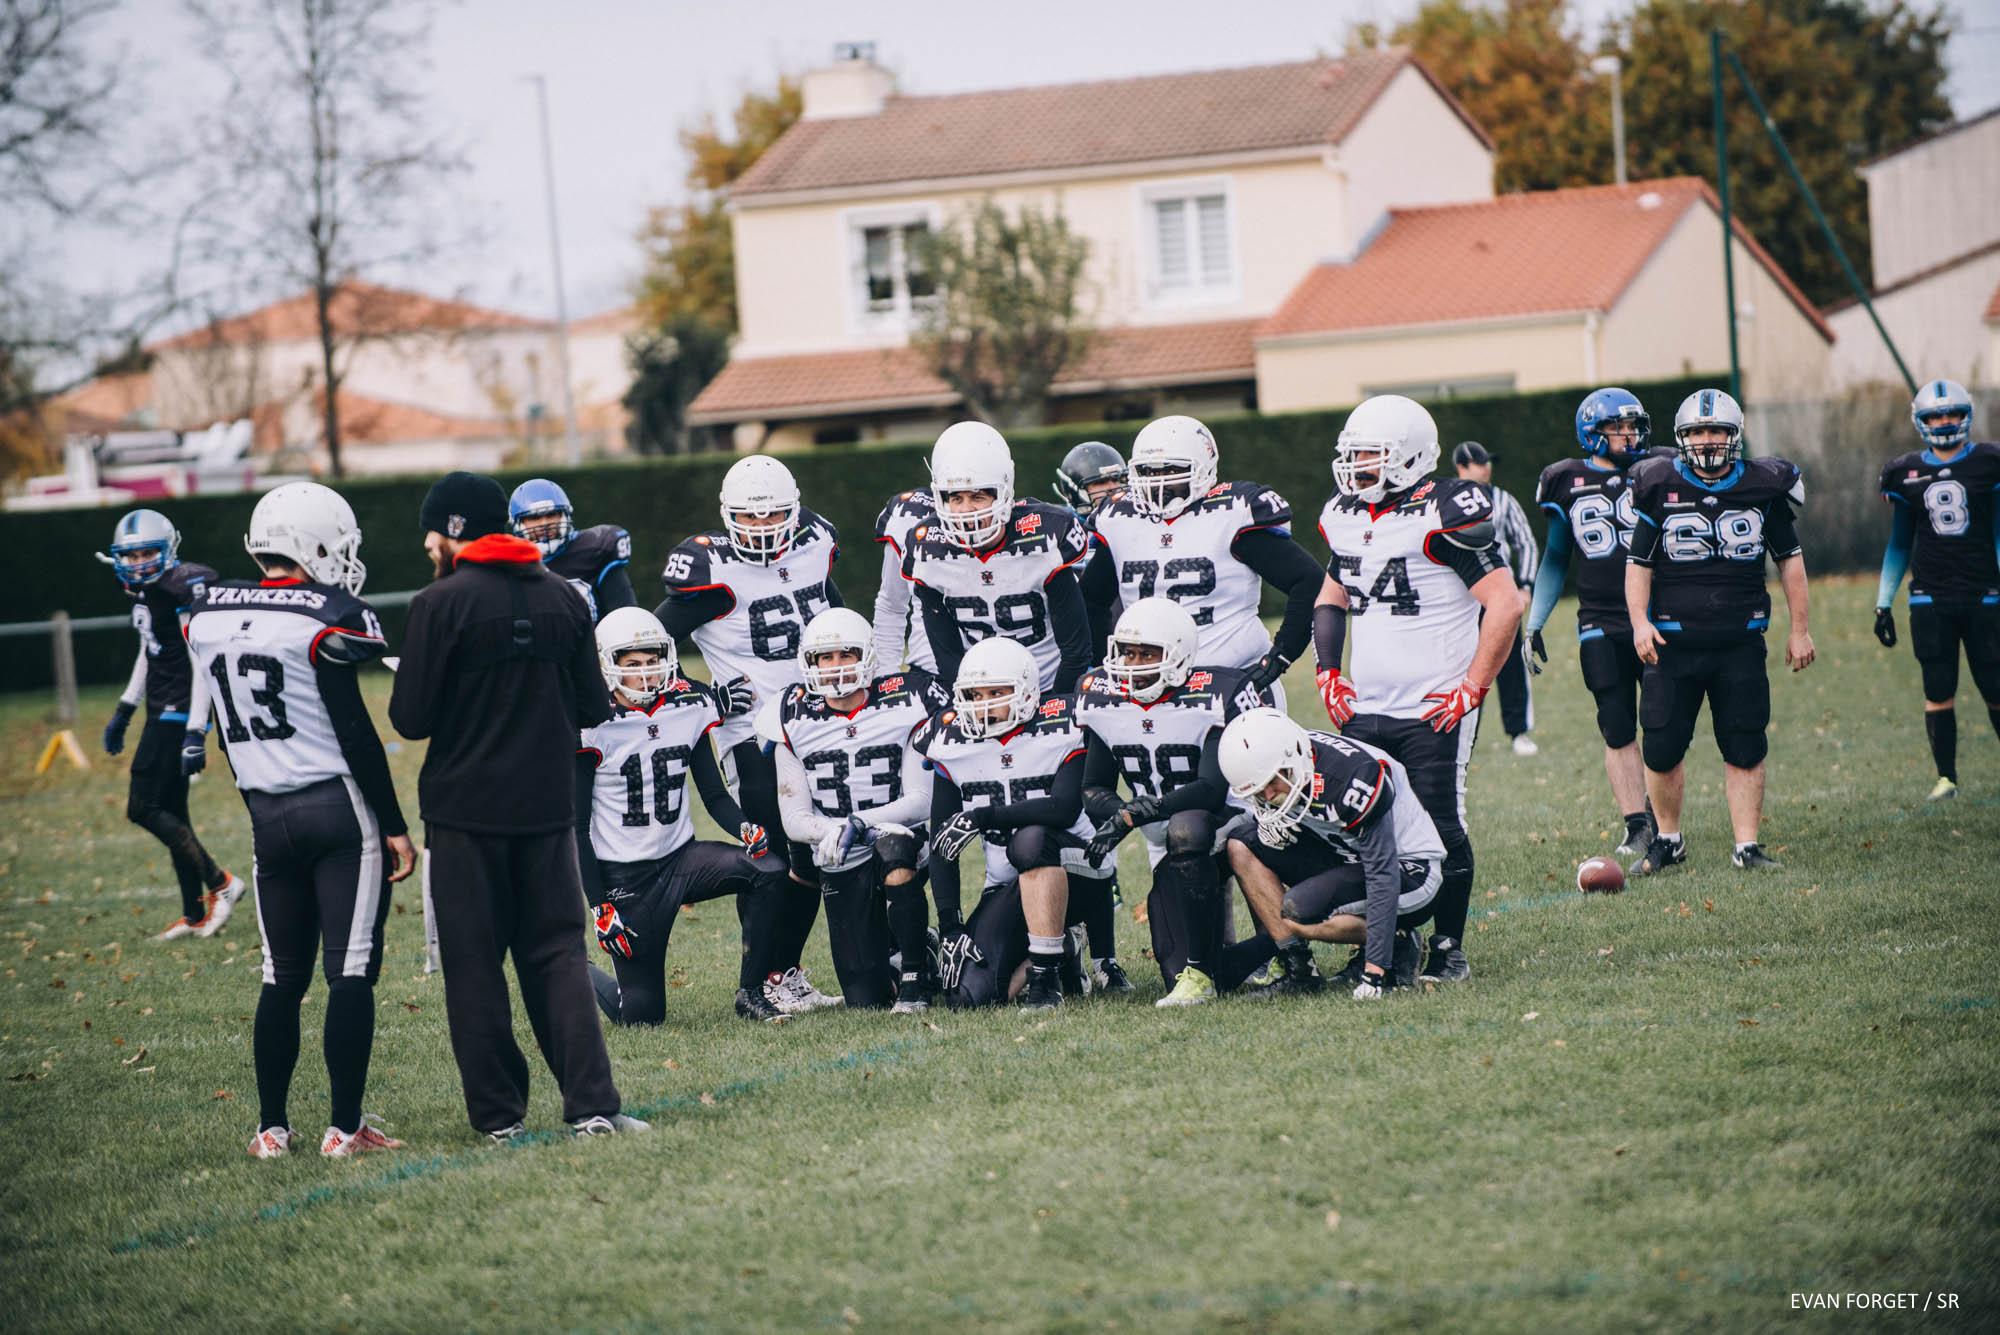 Photographie par Evan FORGET - www.evan-forget.fr / www.facebook.com/evanforget